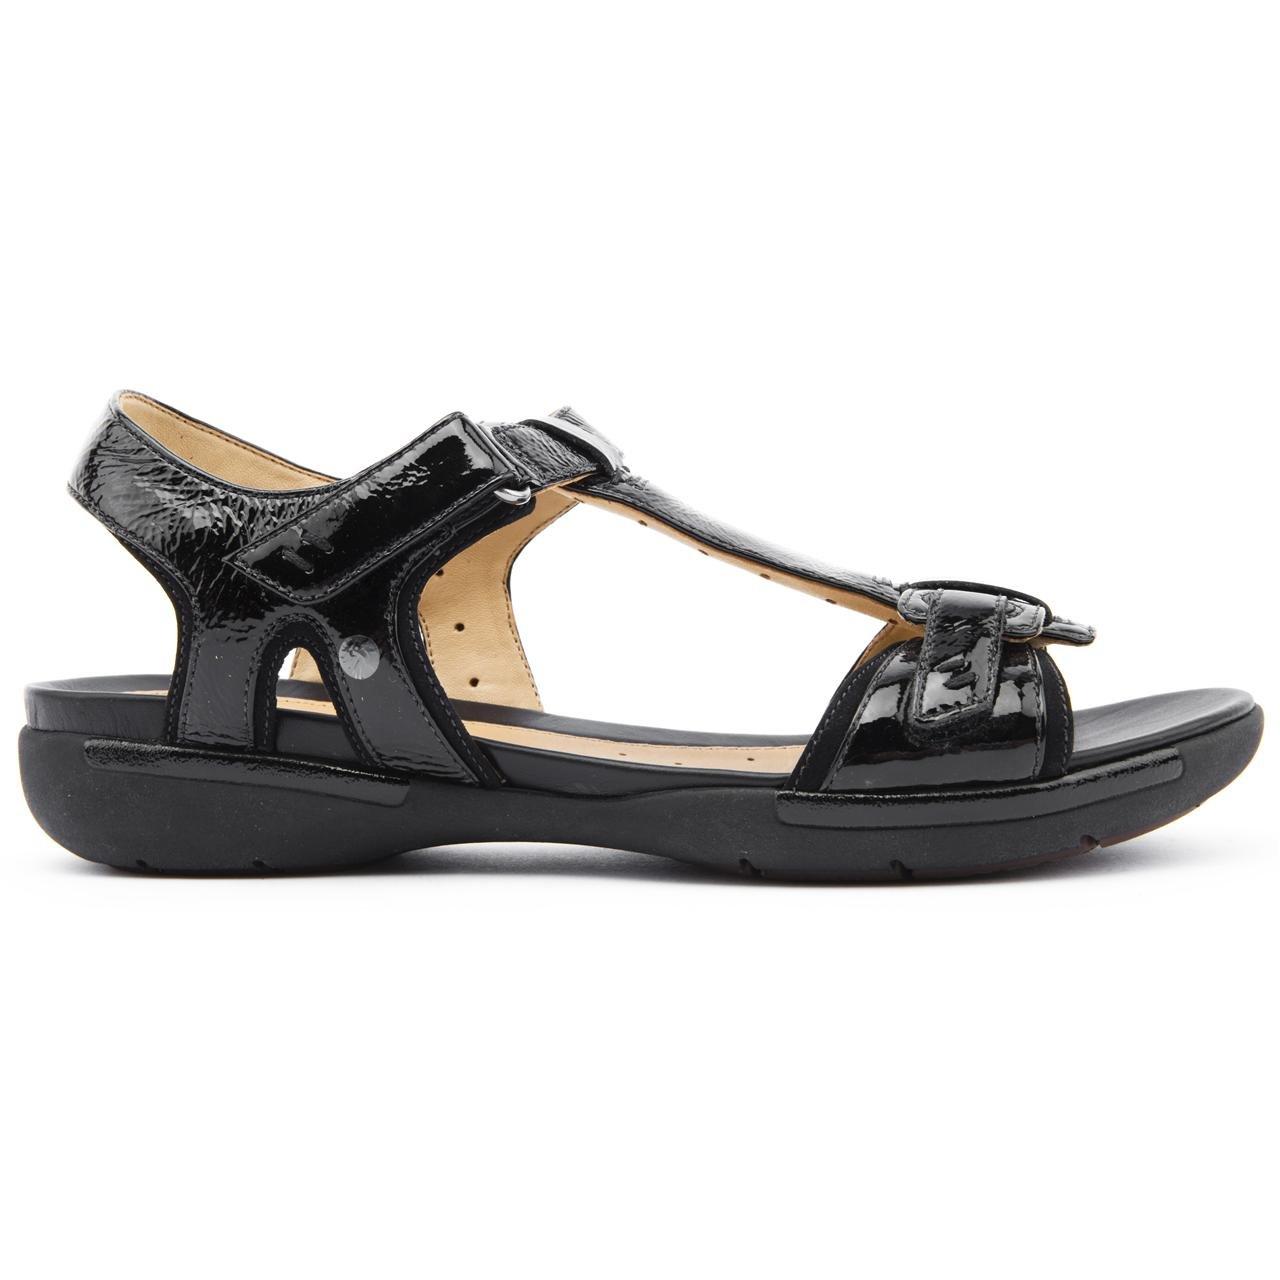 9d1d2213b8d7c Clarks Ladies Voshell Black Flat Sandals Size 9  Amazon.co.uk  Shoes   Bags